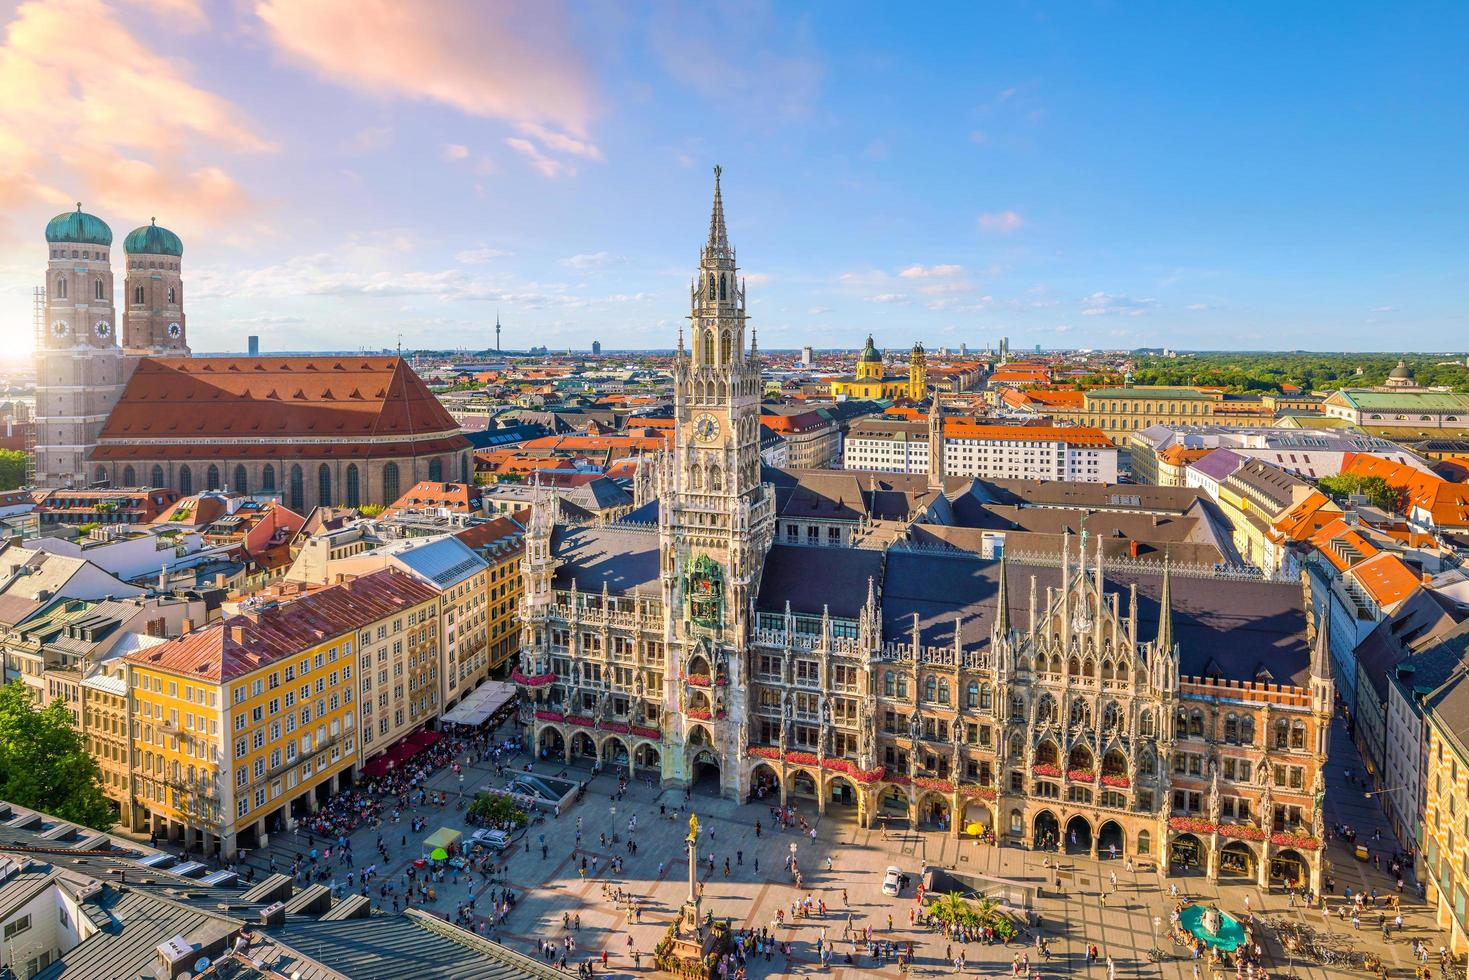 de skyline van München met het stadhuis van Marienplatz. foto